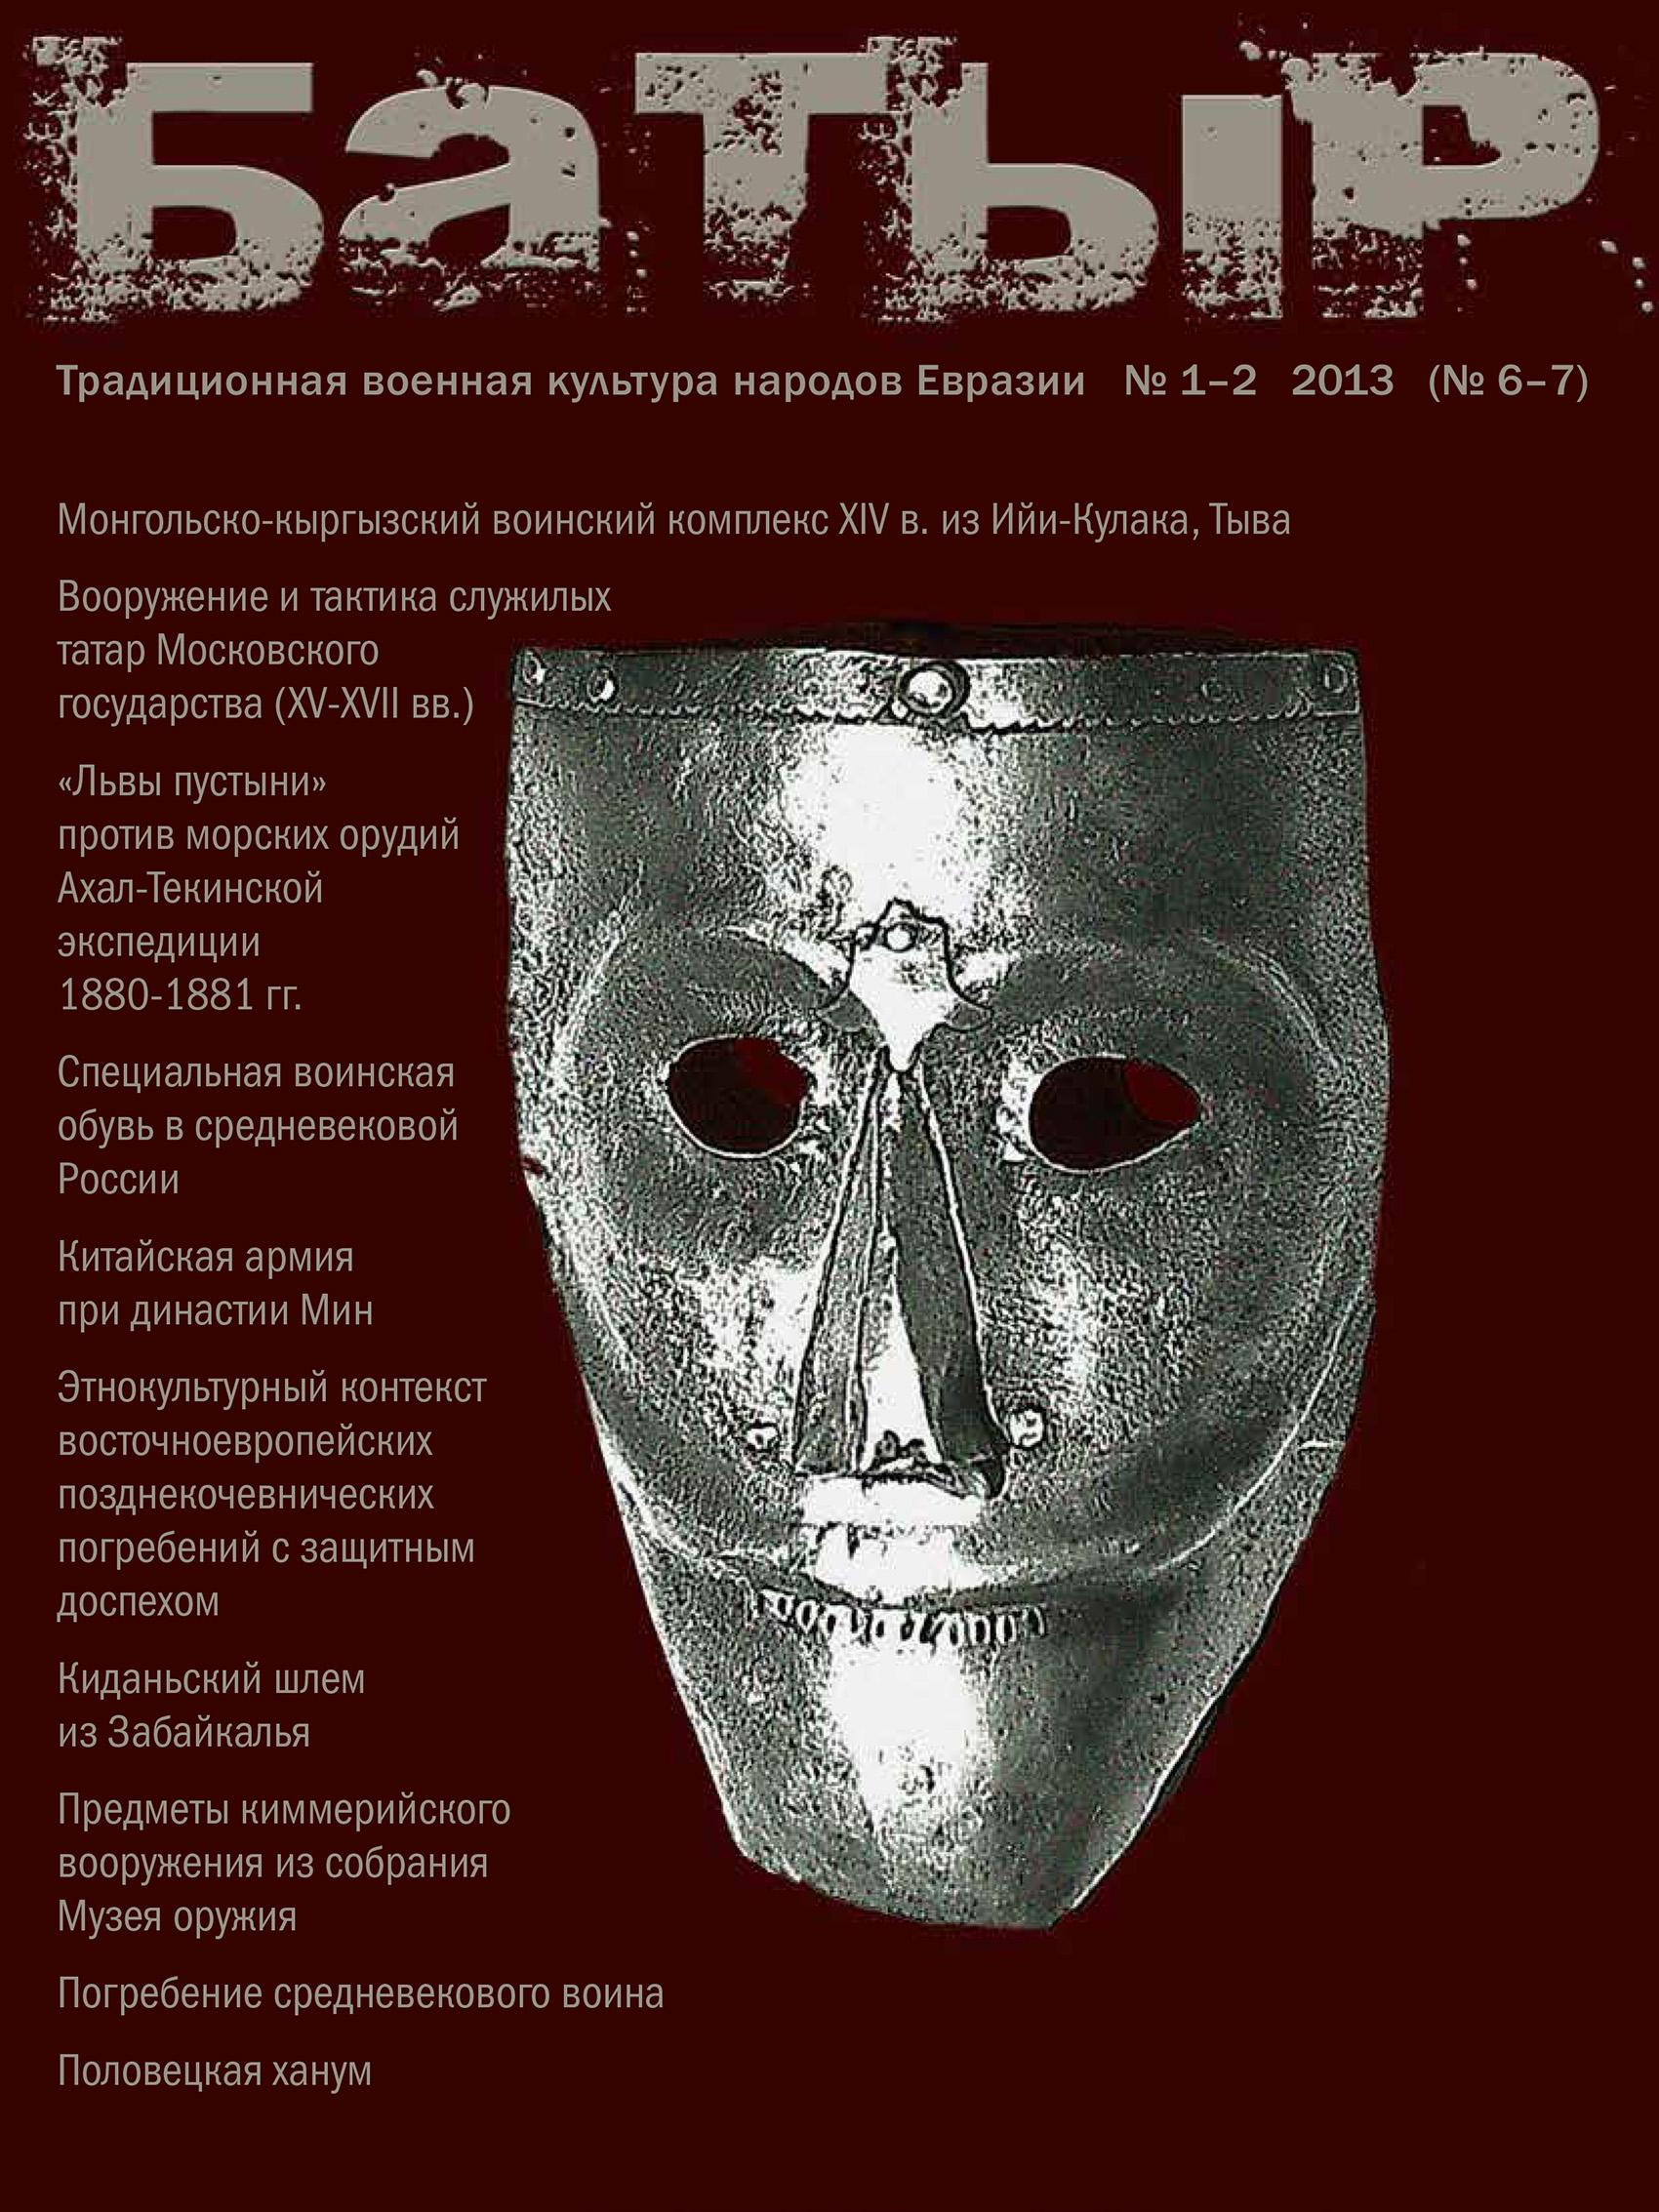 Батыр. Традиционная военная культура народов Евразии. № 1-2 2013